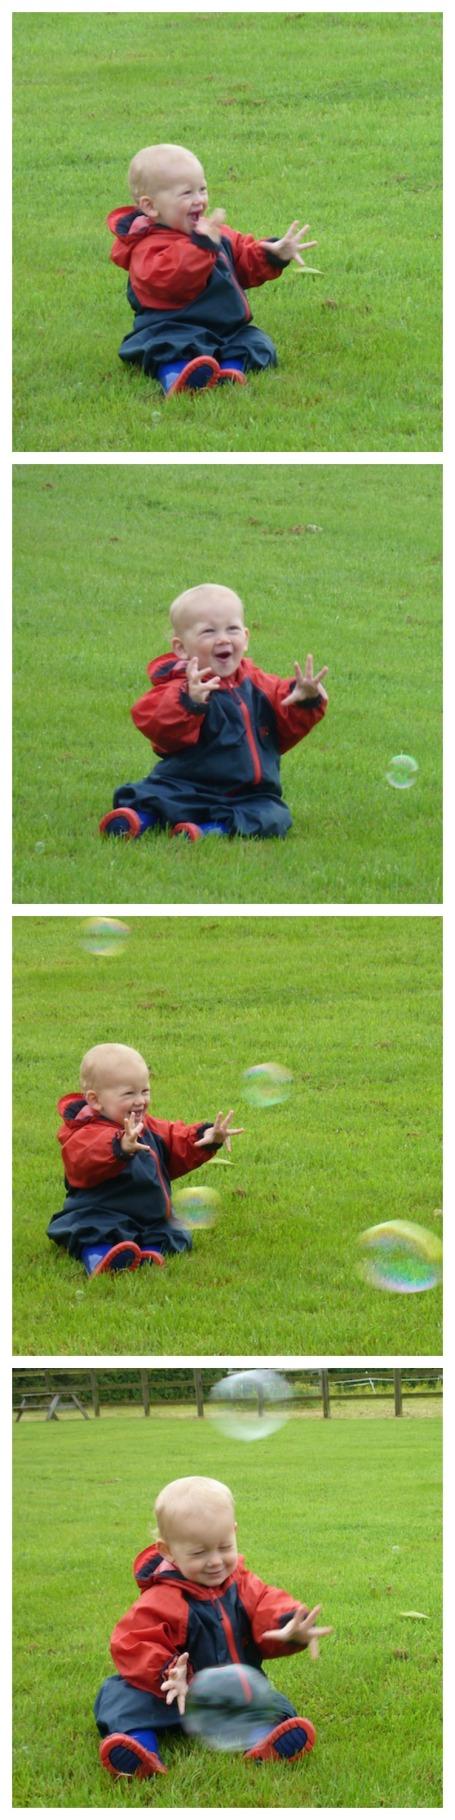 Catching bubbles portrait